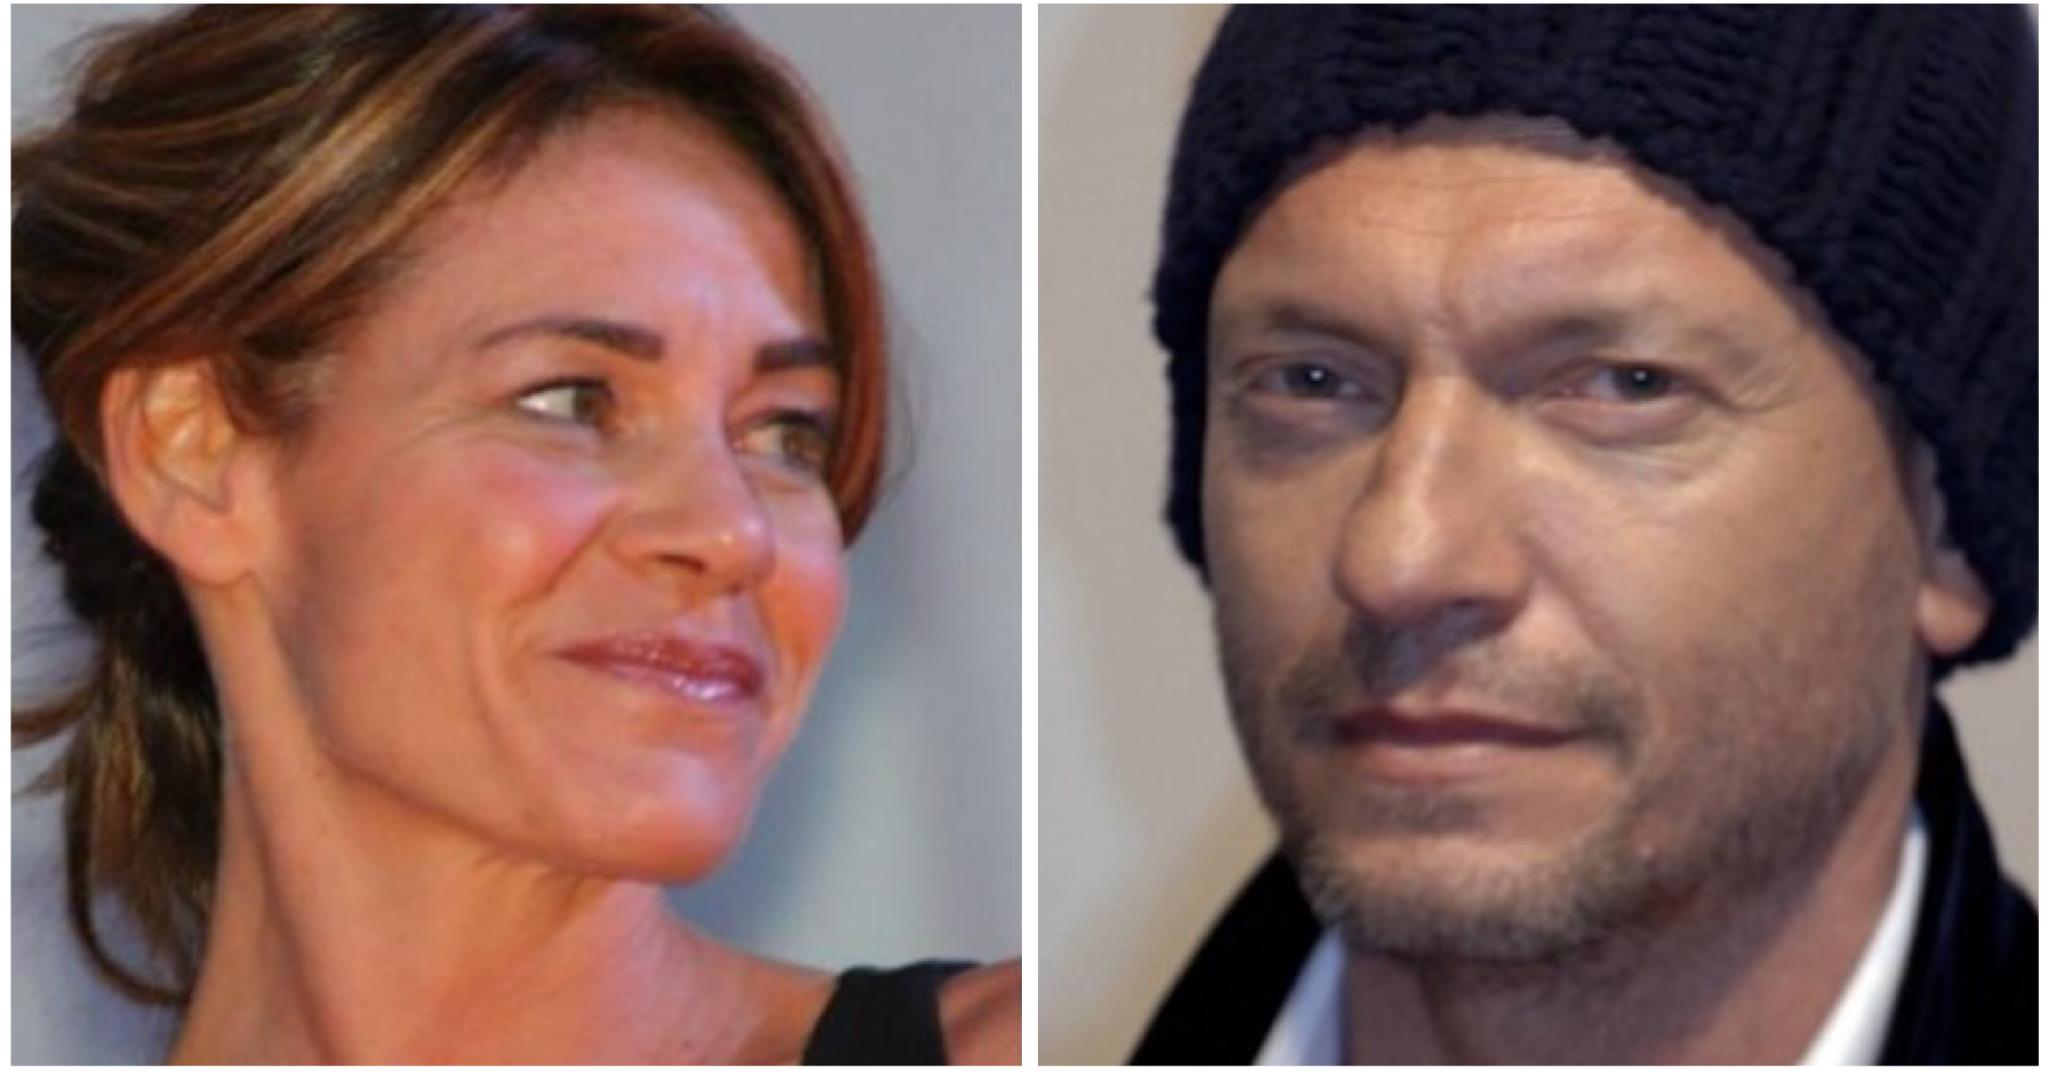 Biagio Antonacci, Marianna Morandi